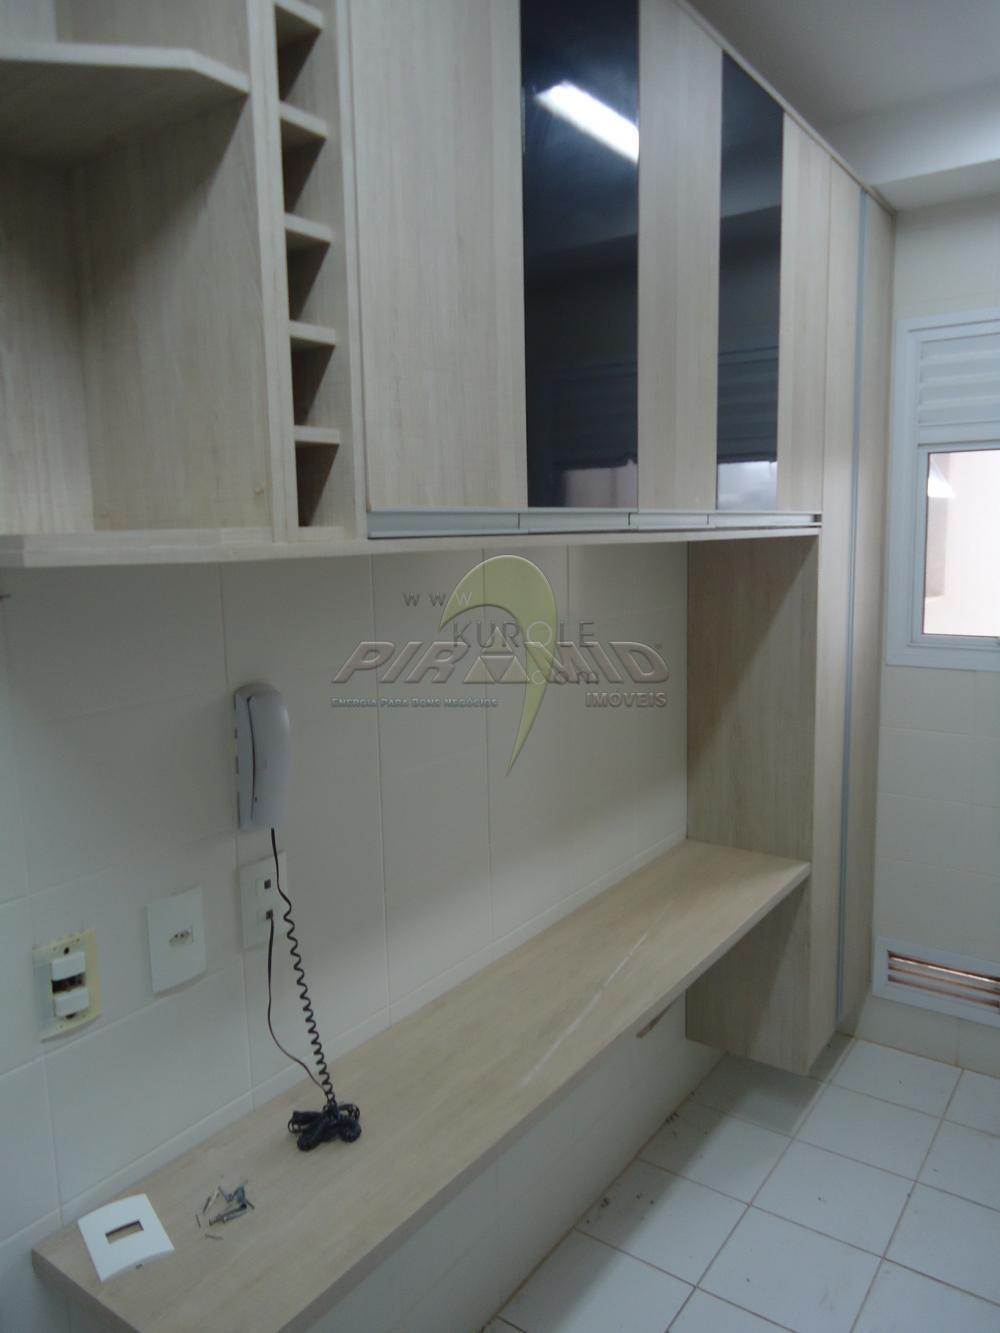 alt='Alugar Apartamento / Padrão em Ribeirão Preto R$ 1.500,00 - Foto 4' title='Alugar Apartamento / Padrão em Ribeirão Preto R$ 1.500,00 - Foto 4'